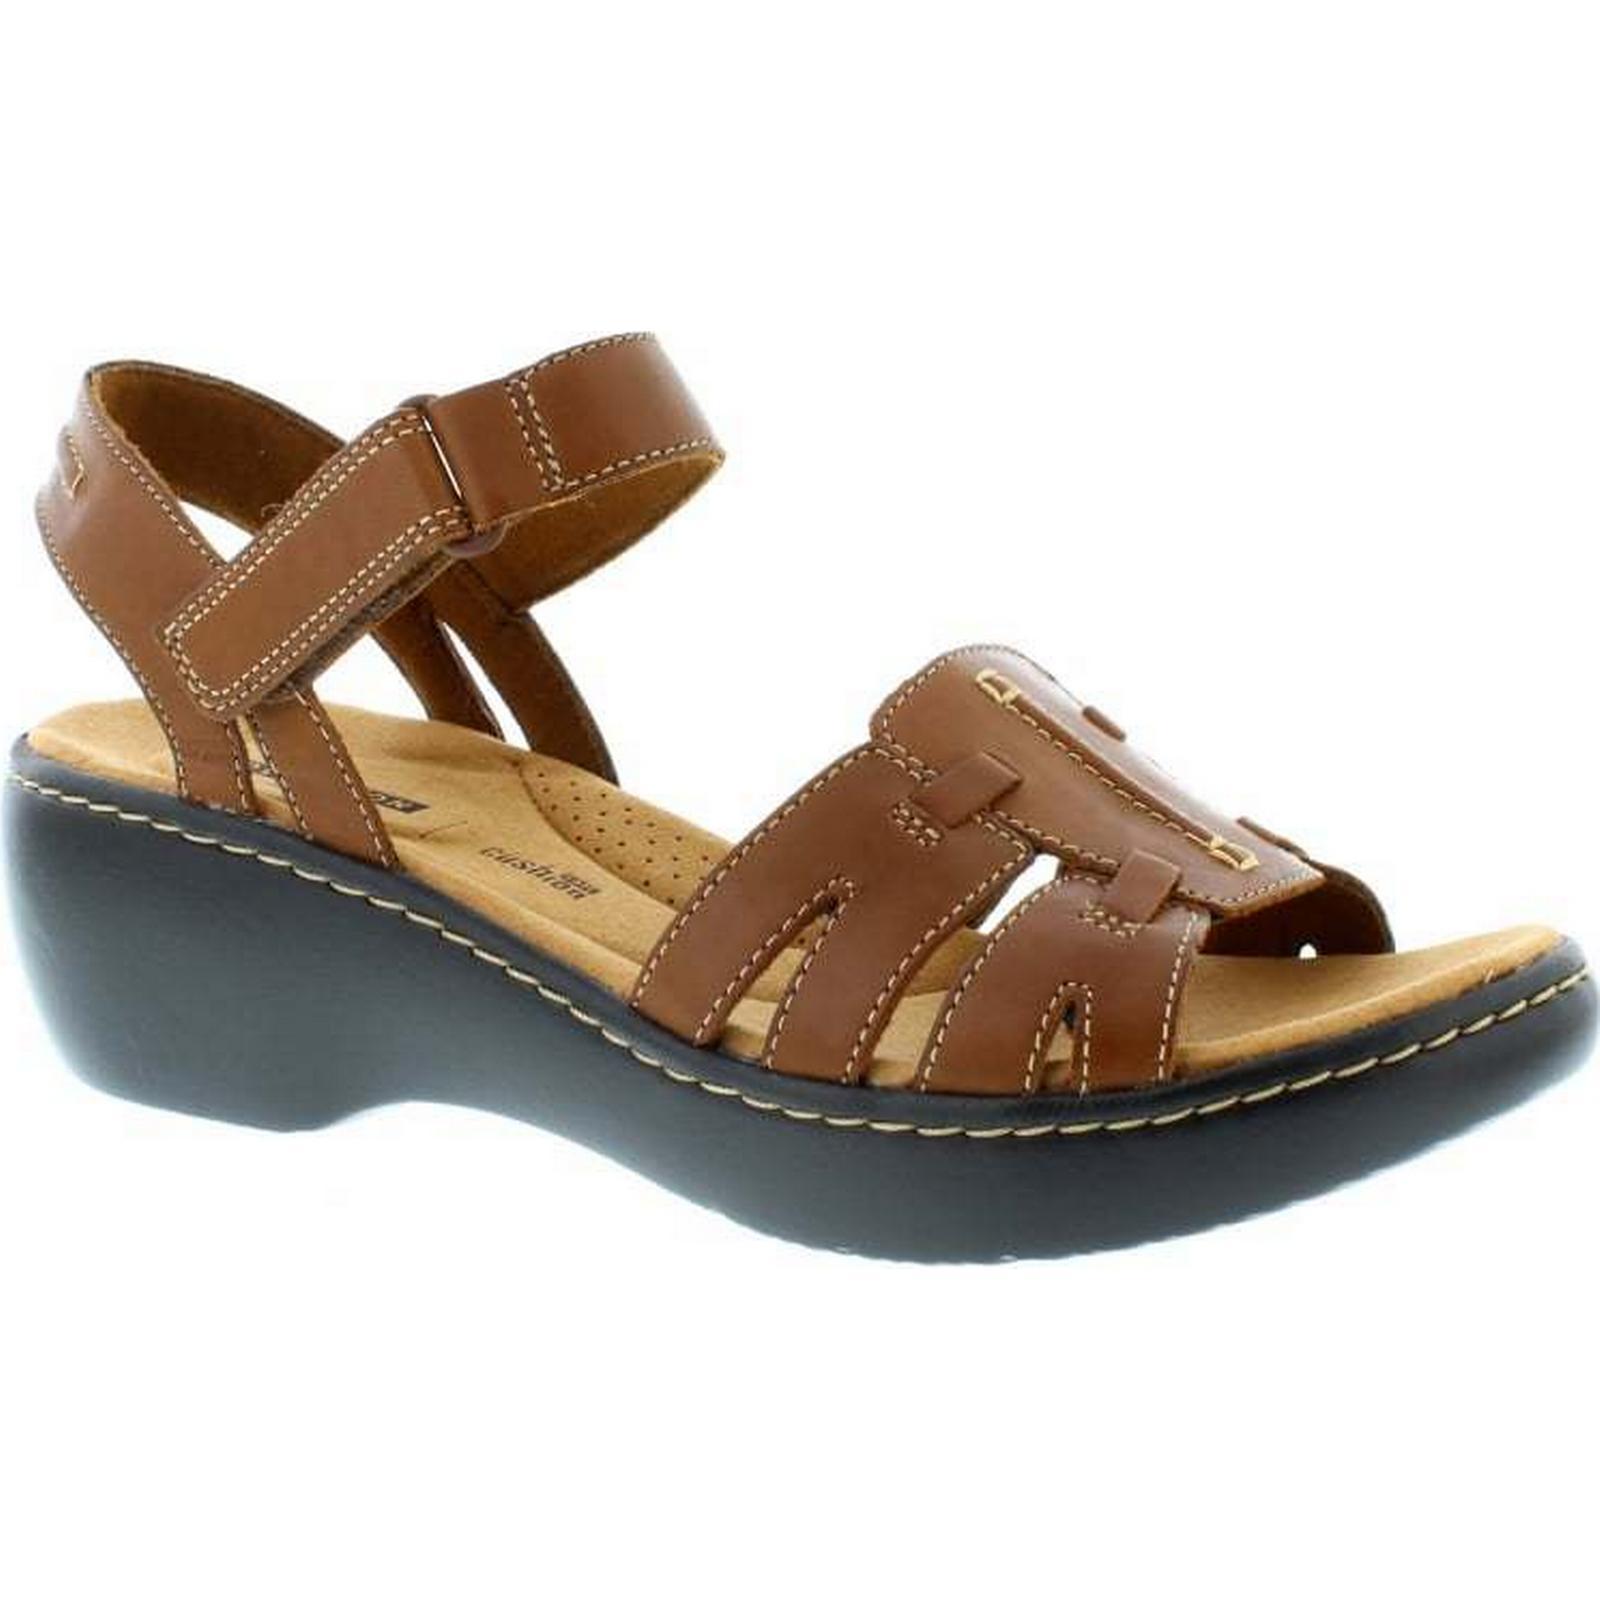 Clarks Delana Nila - 6.5 Dark Tan Leather Size: 6.5 - UK cbf18a